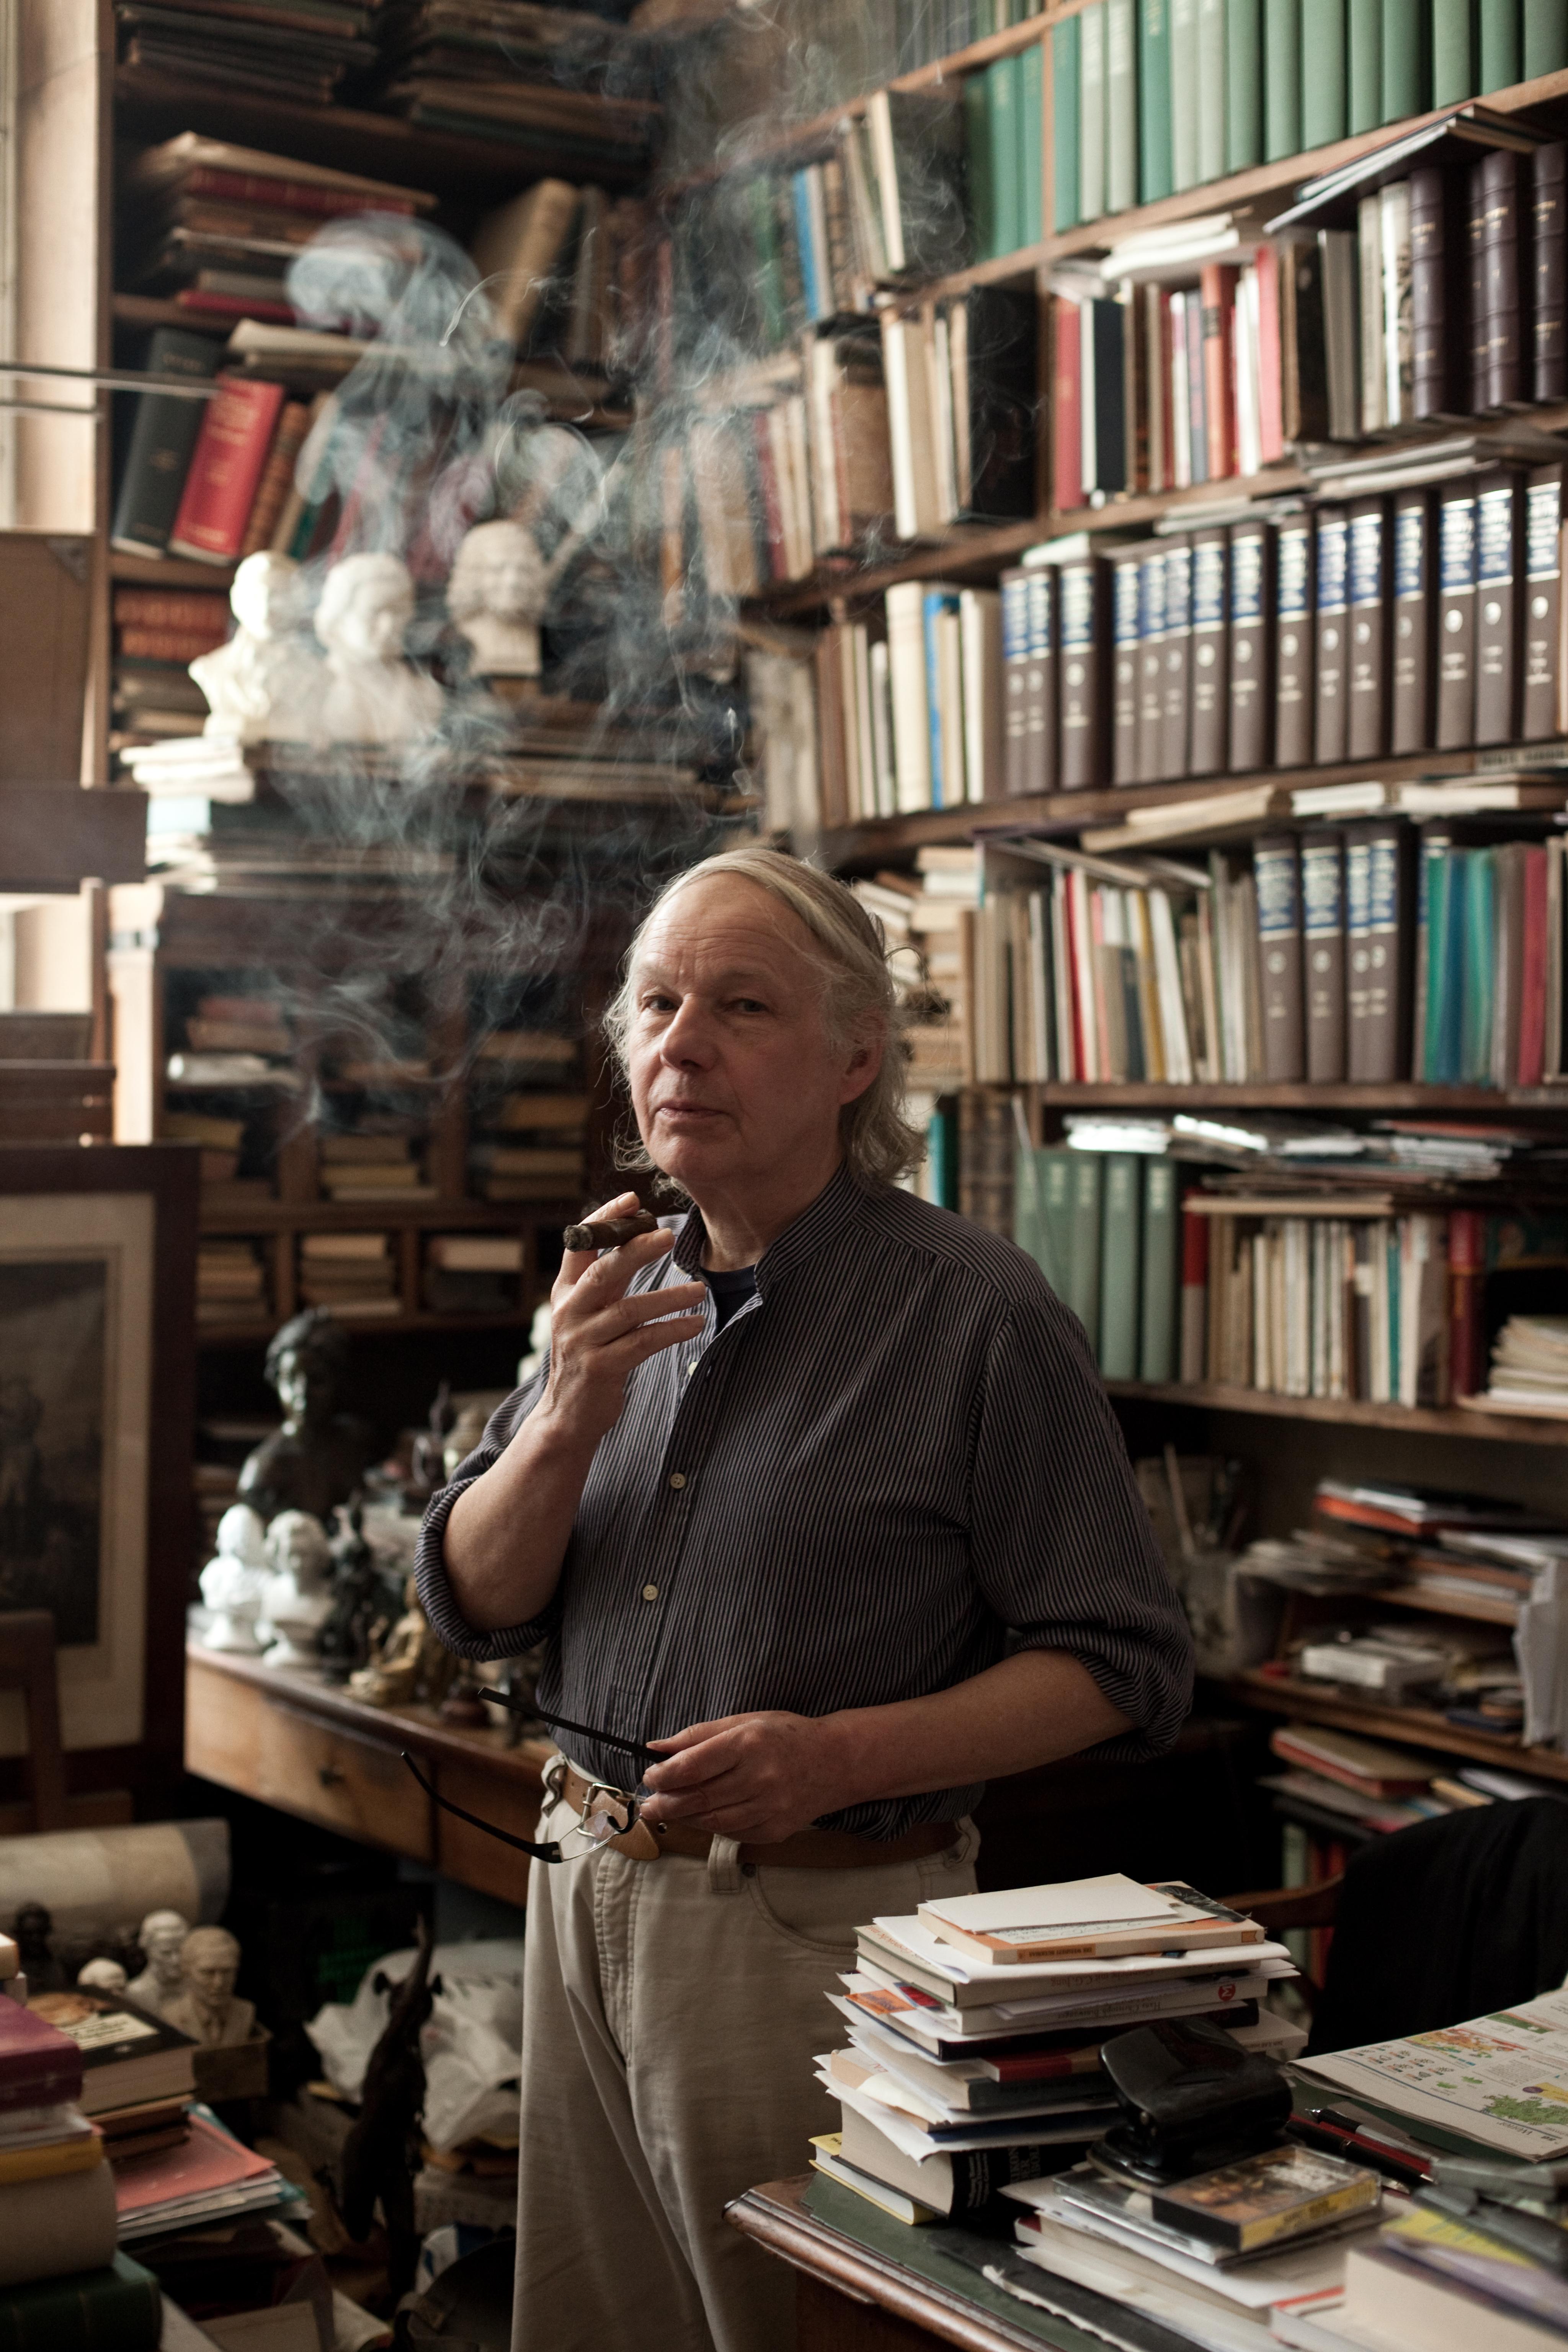 Zurich Book Store Owner